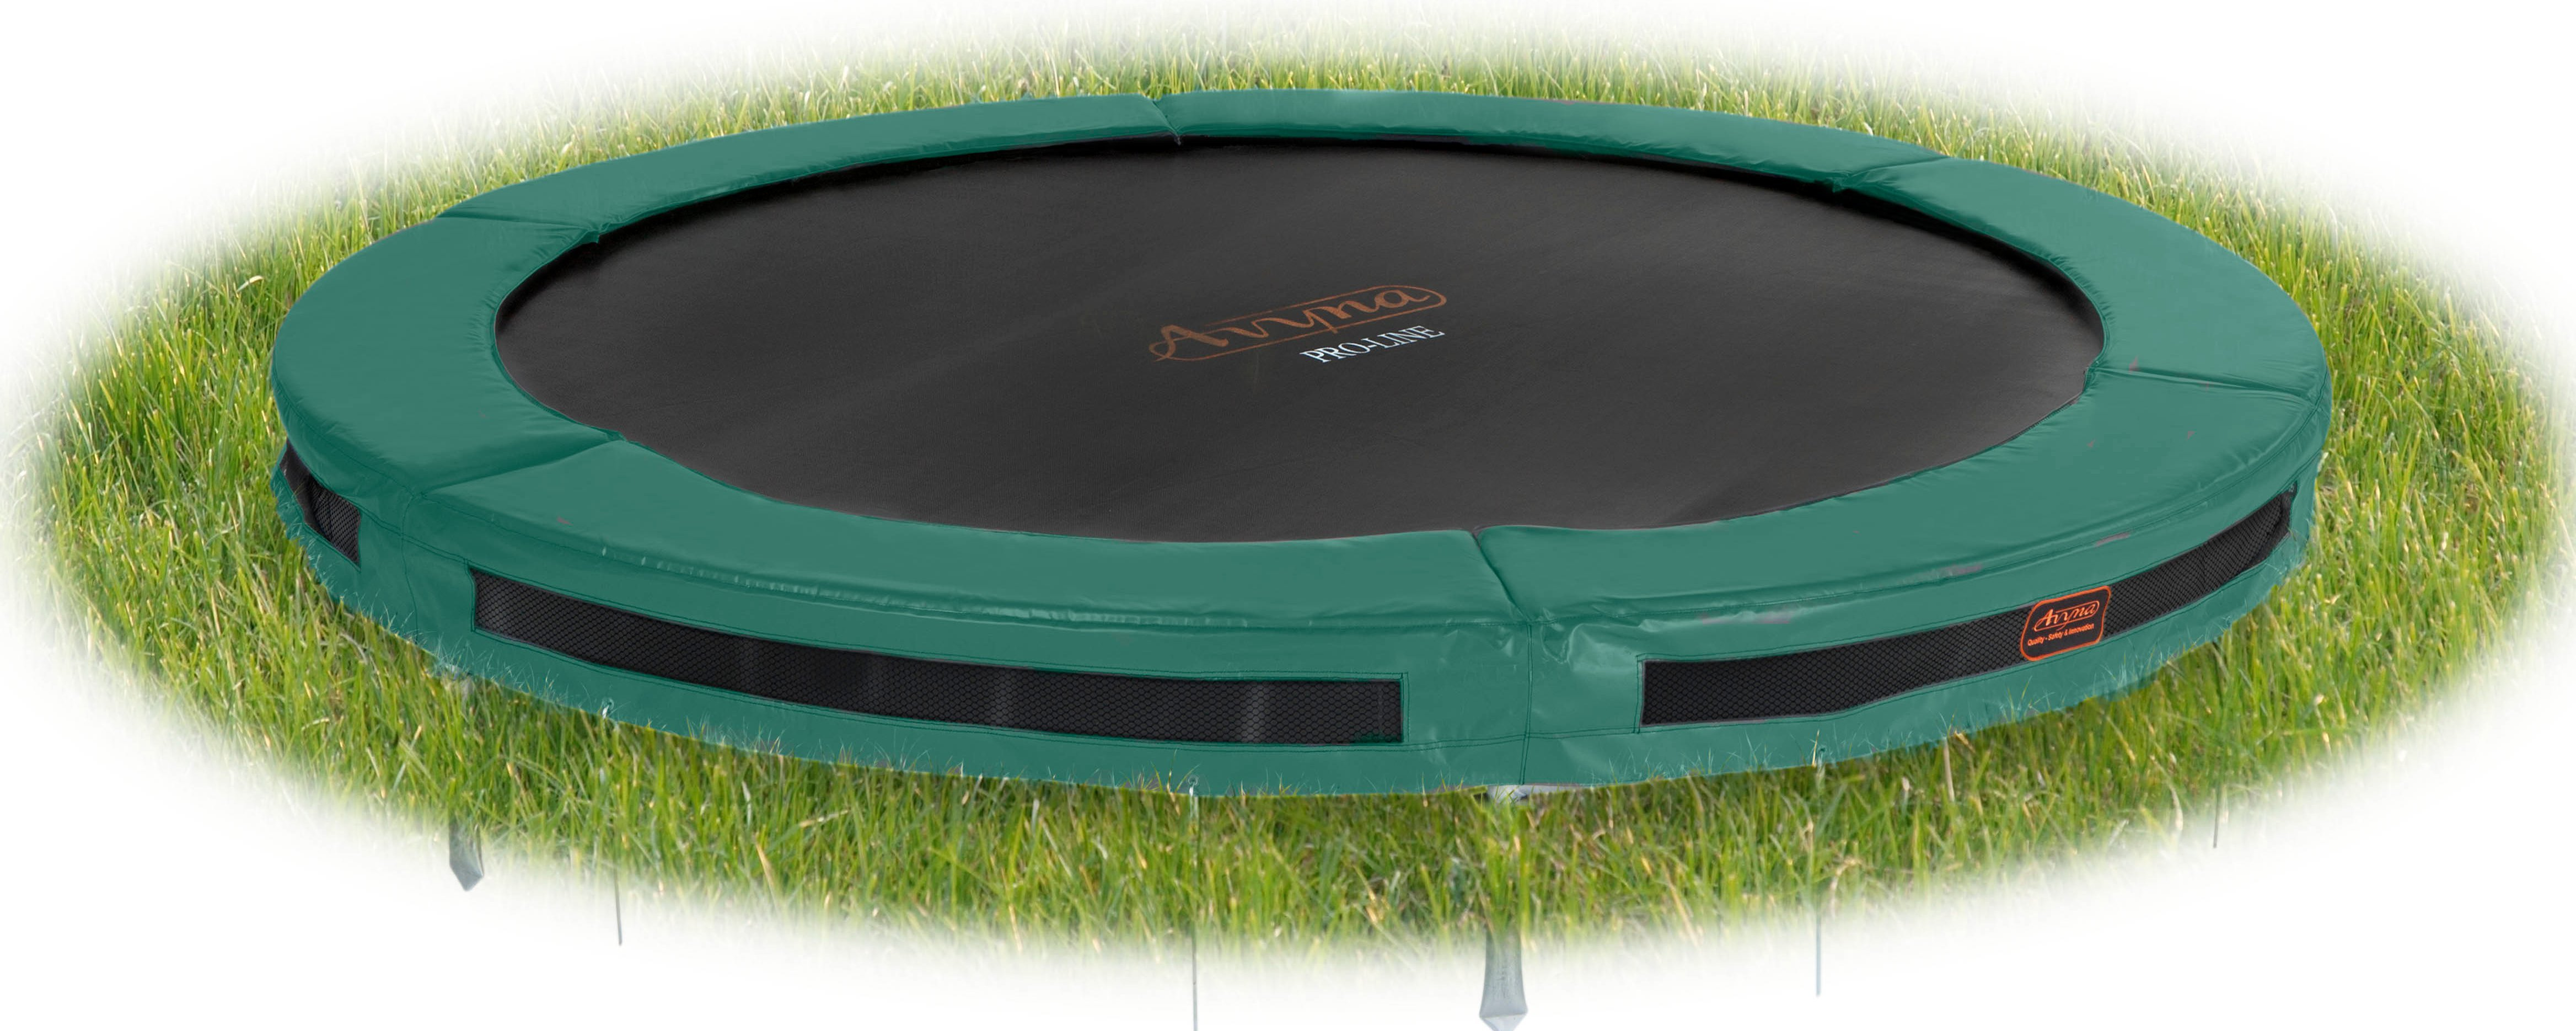 trampoline in ground